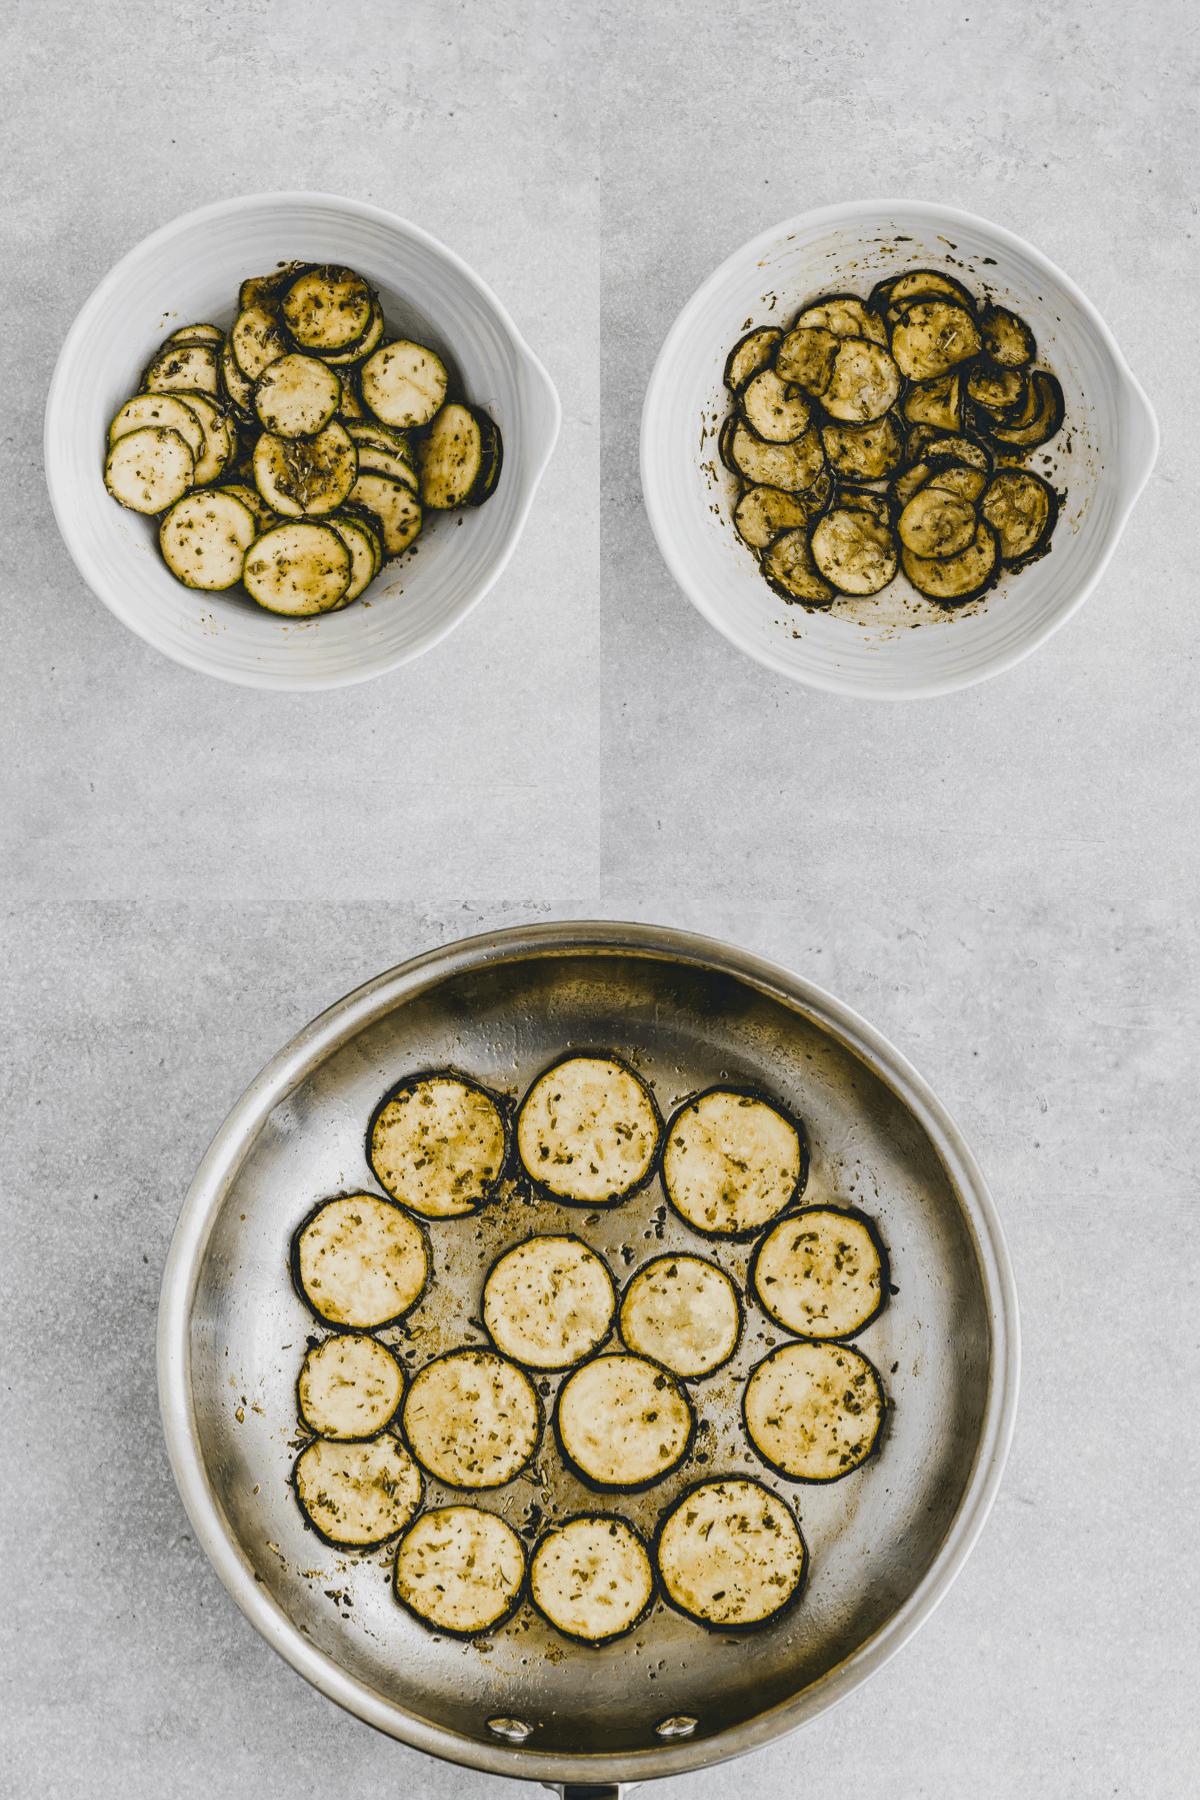 Sommer Quinoa Salat Rezept Schritt 1-3